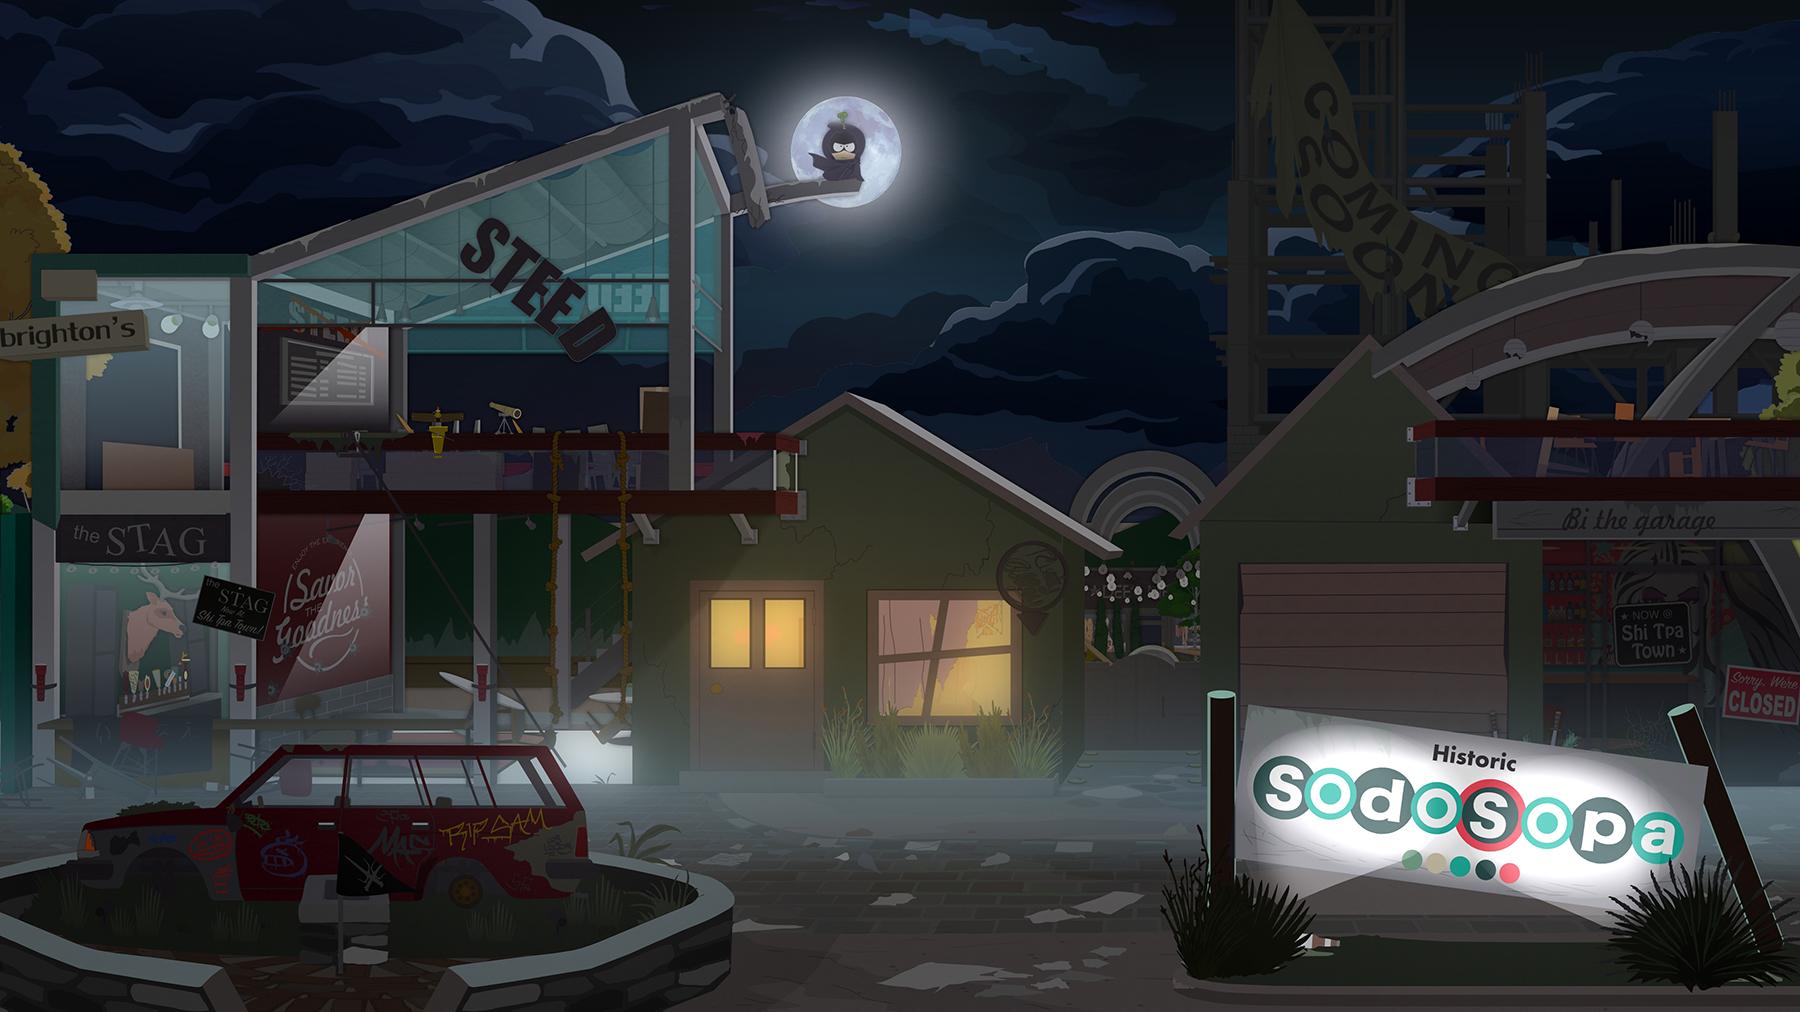 Screenshot mysterion sodosopa rgb